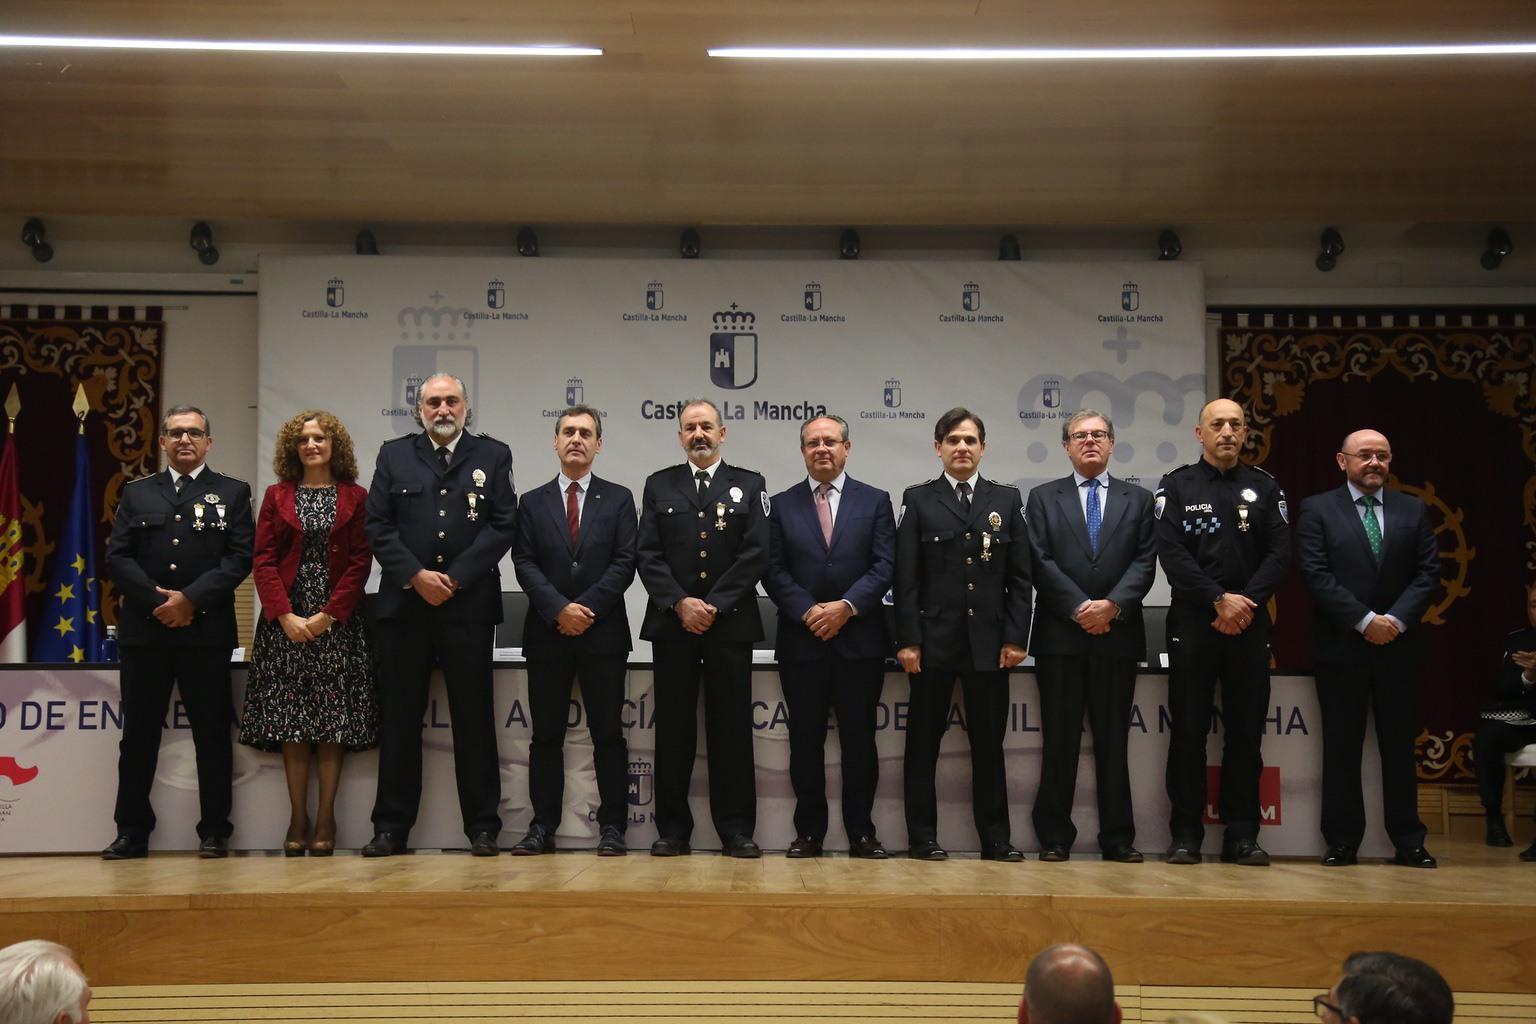 Julián Moreno, condecorado por su servicio activo durante 30 años en la policía local 7